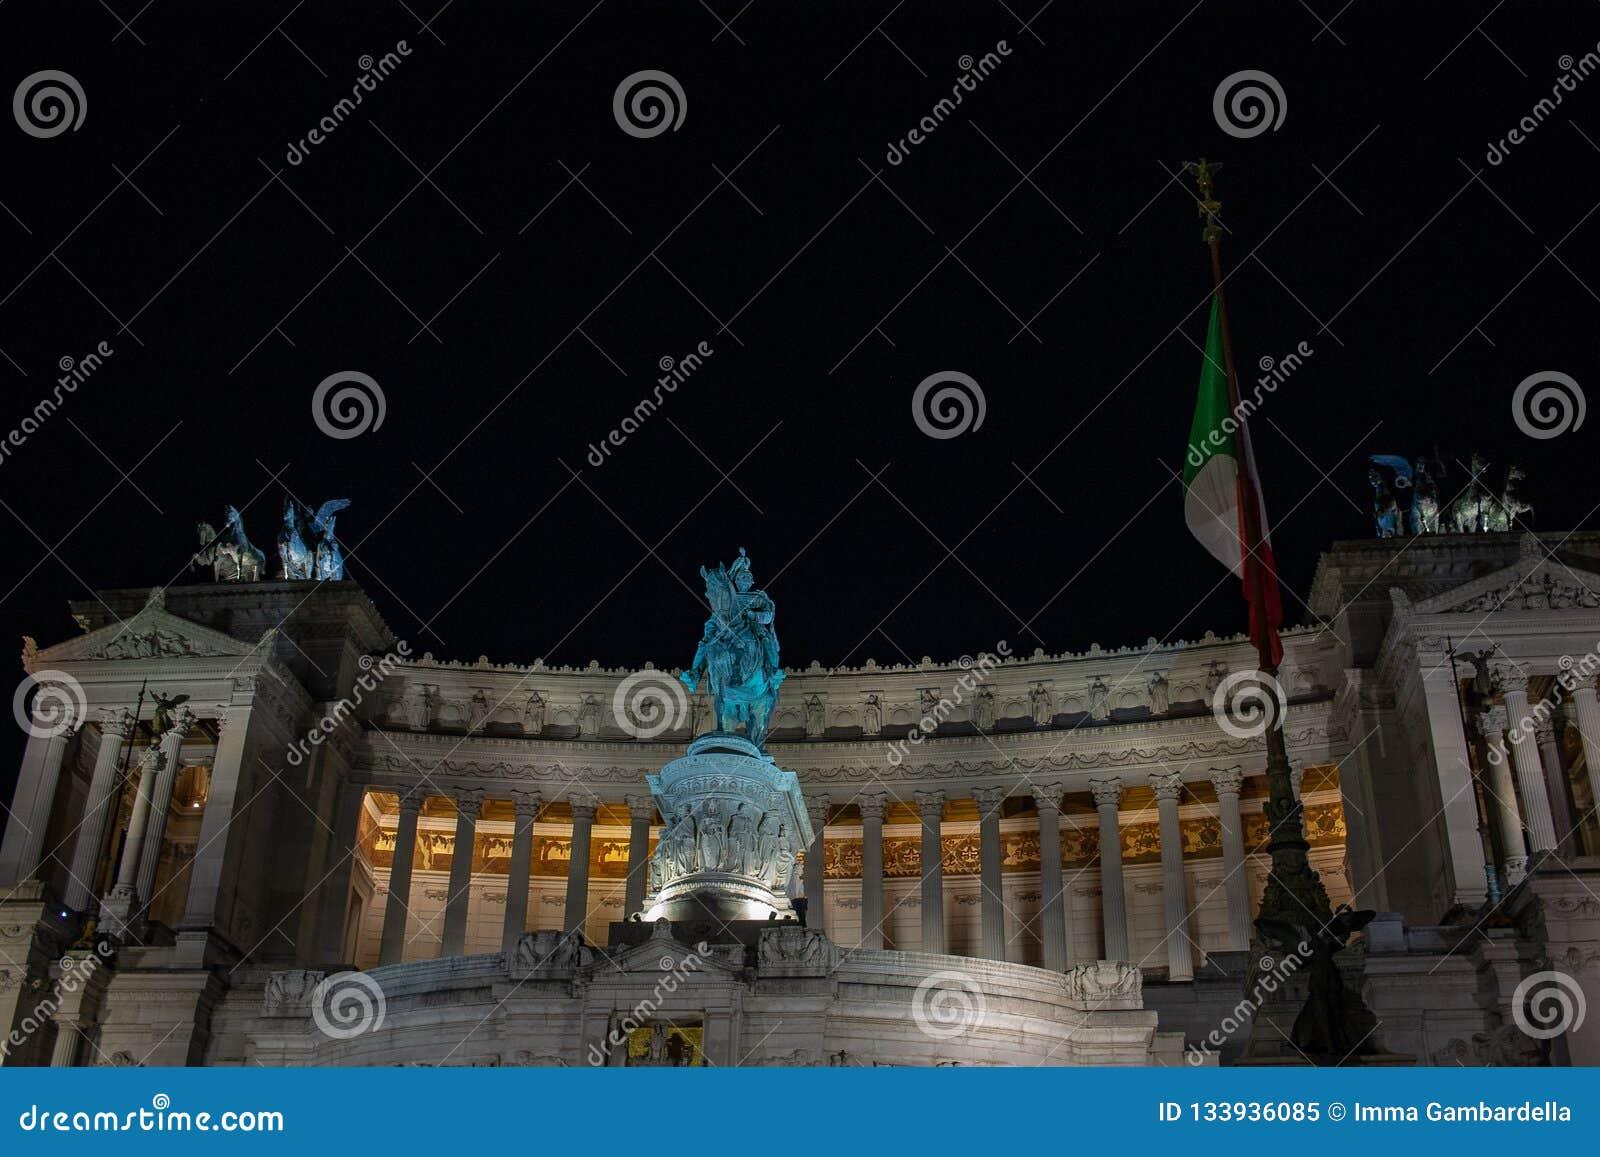 Beleuchten des Baums von Rom, im Marktplatz Venezia Lichter und rote und gelbe Bälle verzieren den Baum